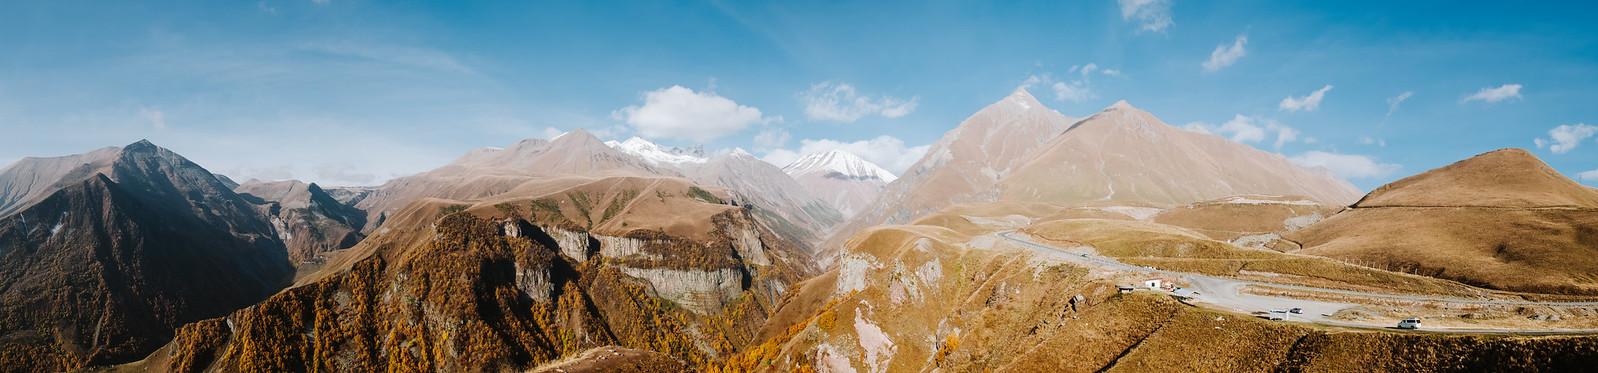 Przelecz_kazbeki